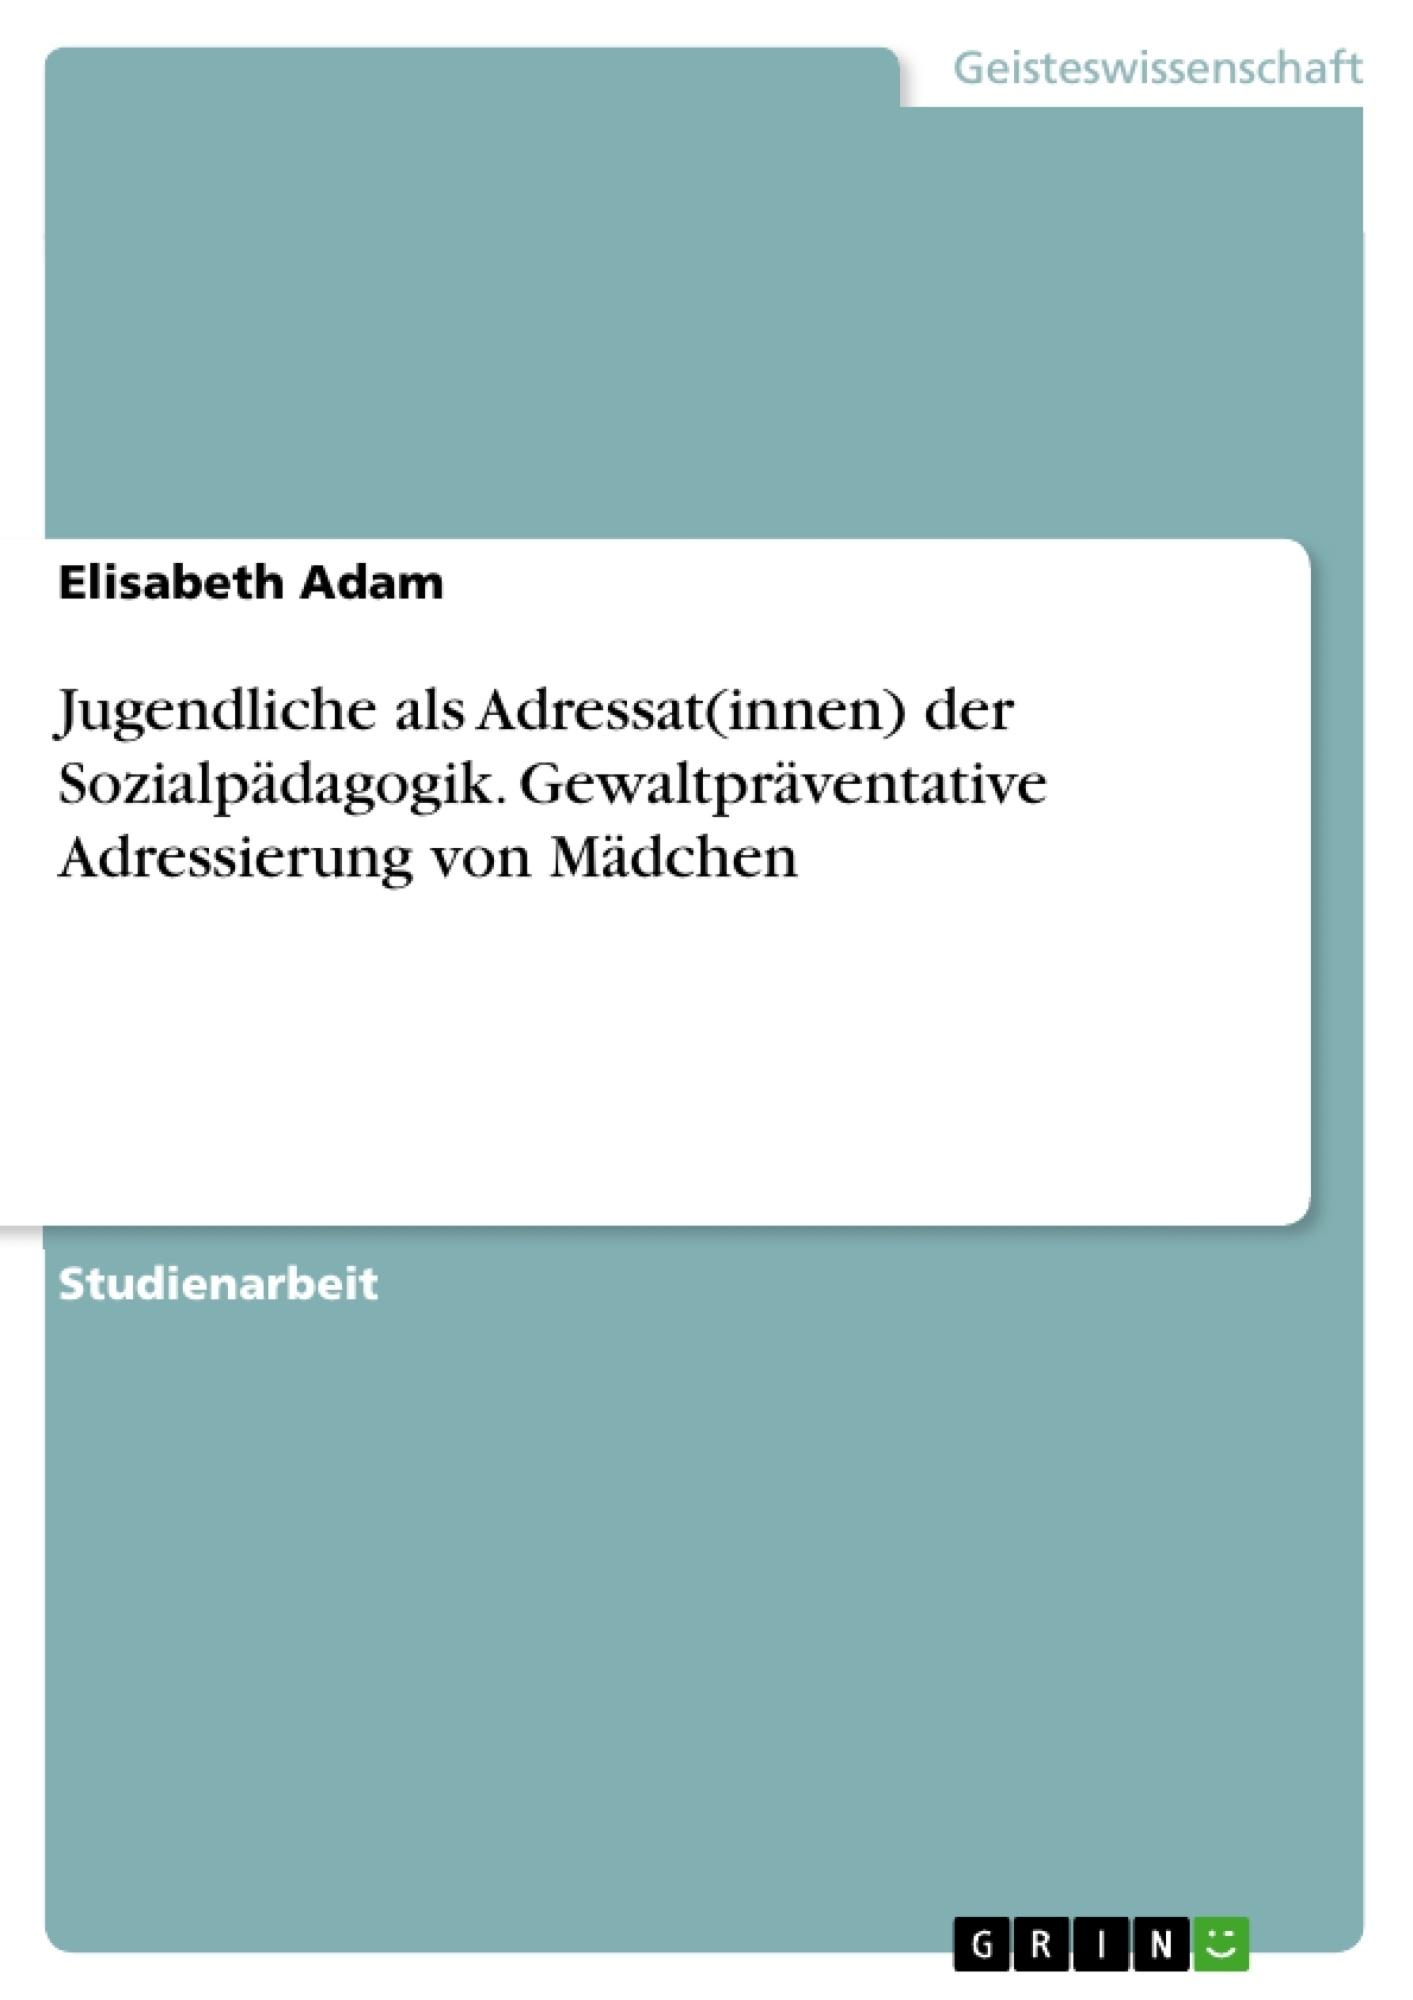 Titel: Jugendliche als Adressat(innen) der Sozialpädagogik. Gewaltpräventative Adressierung von Mädchen